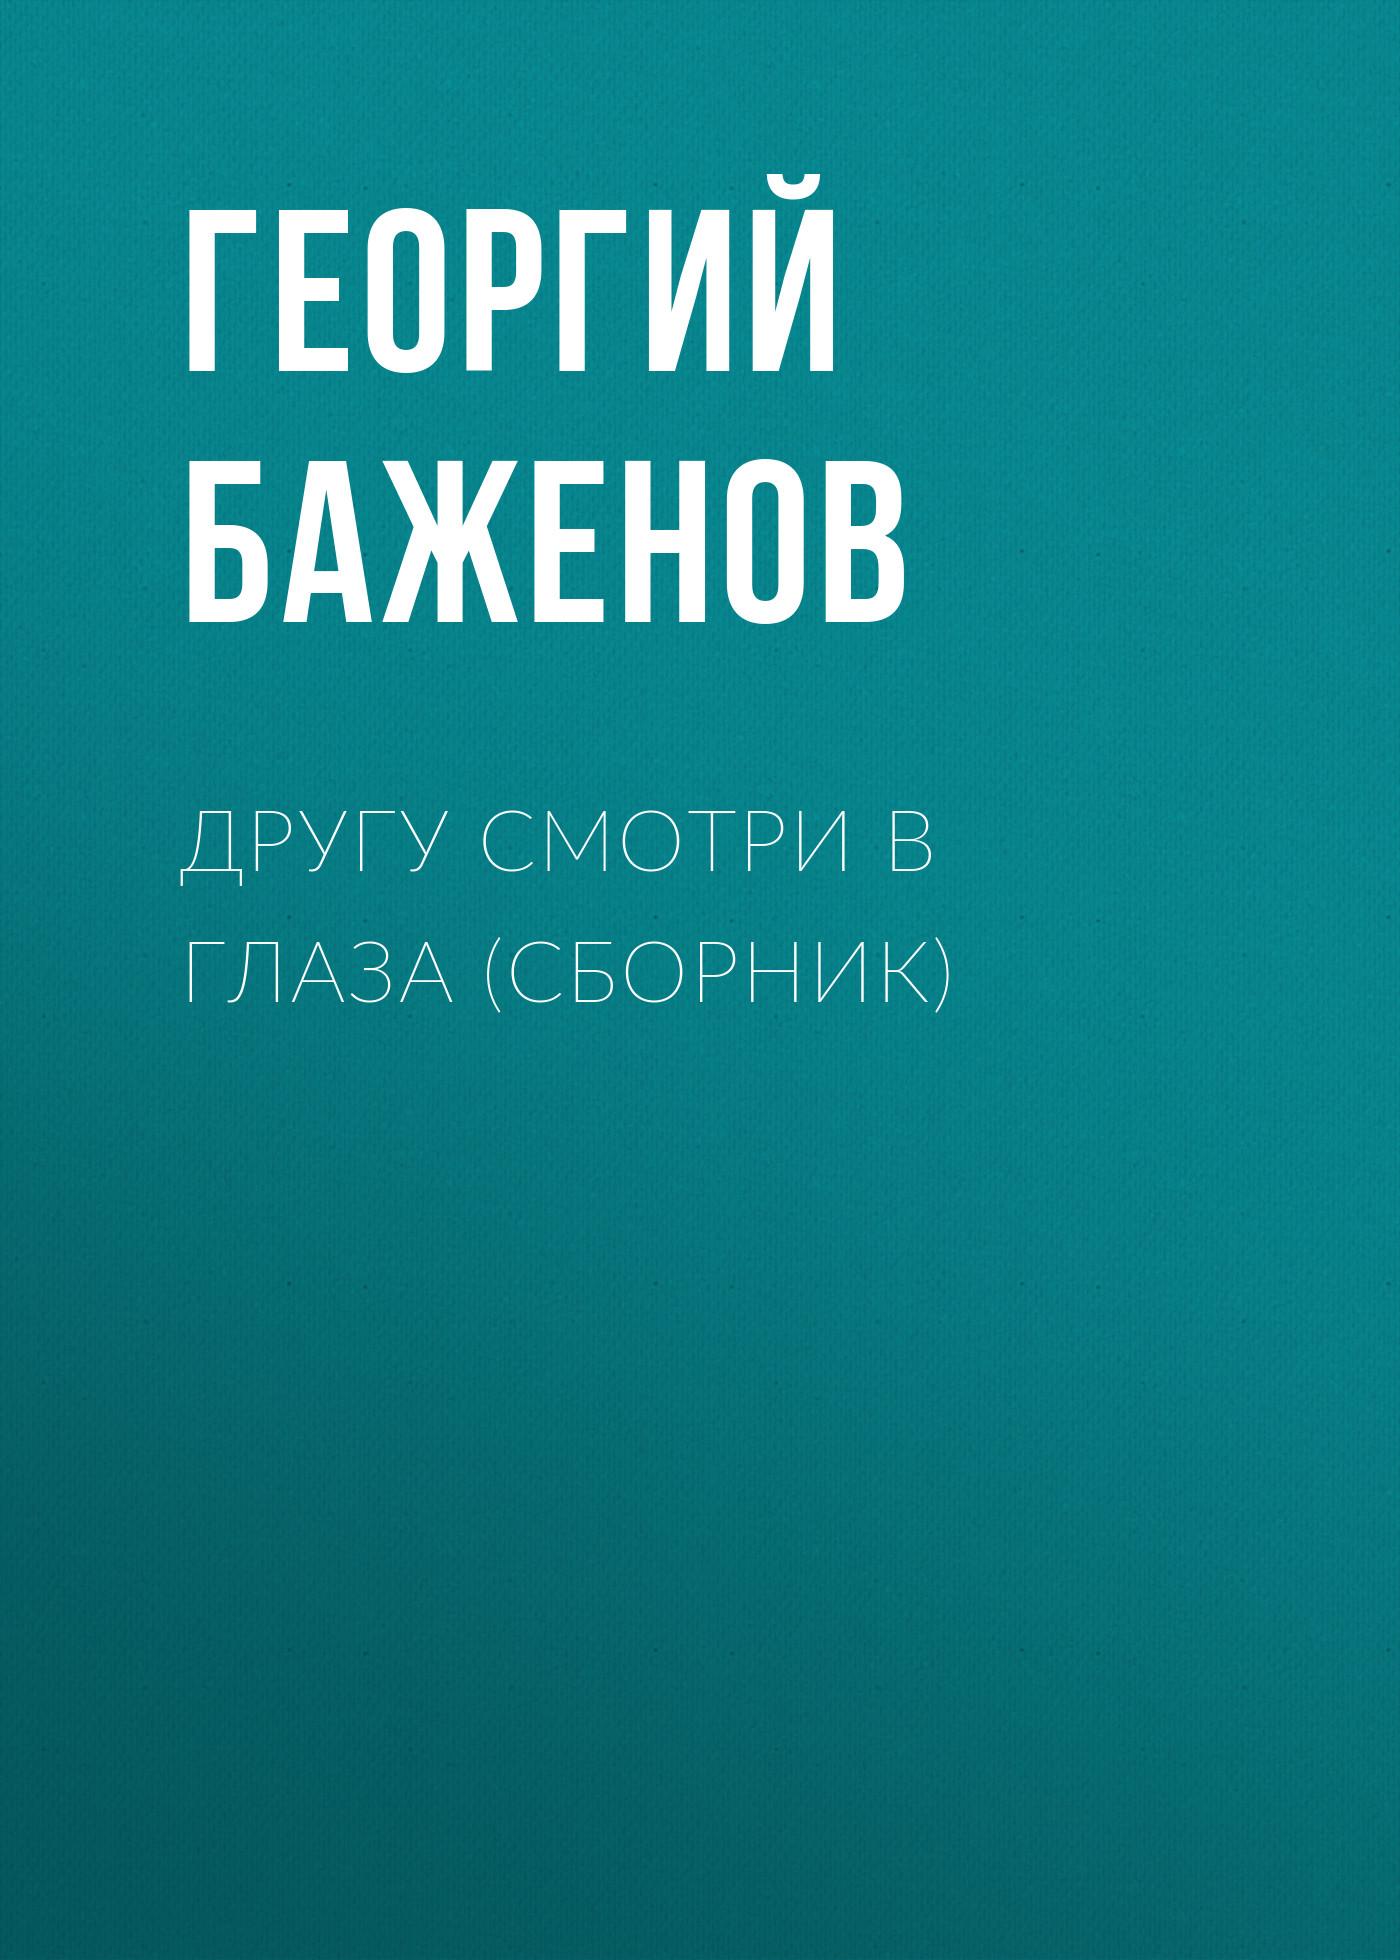 Георгий Баженов Другу смотри в глаза (сборник) путилова е золотых ступенек ряд книга о детстве и книги детства